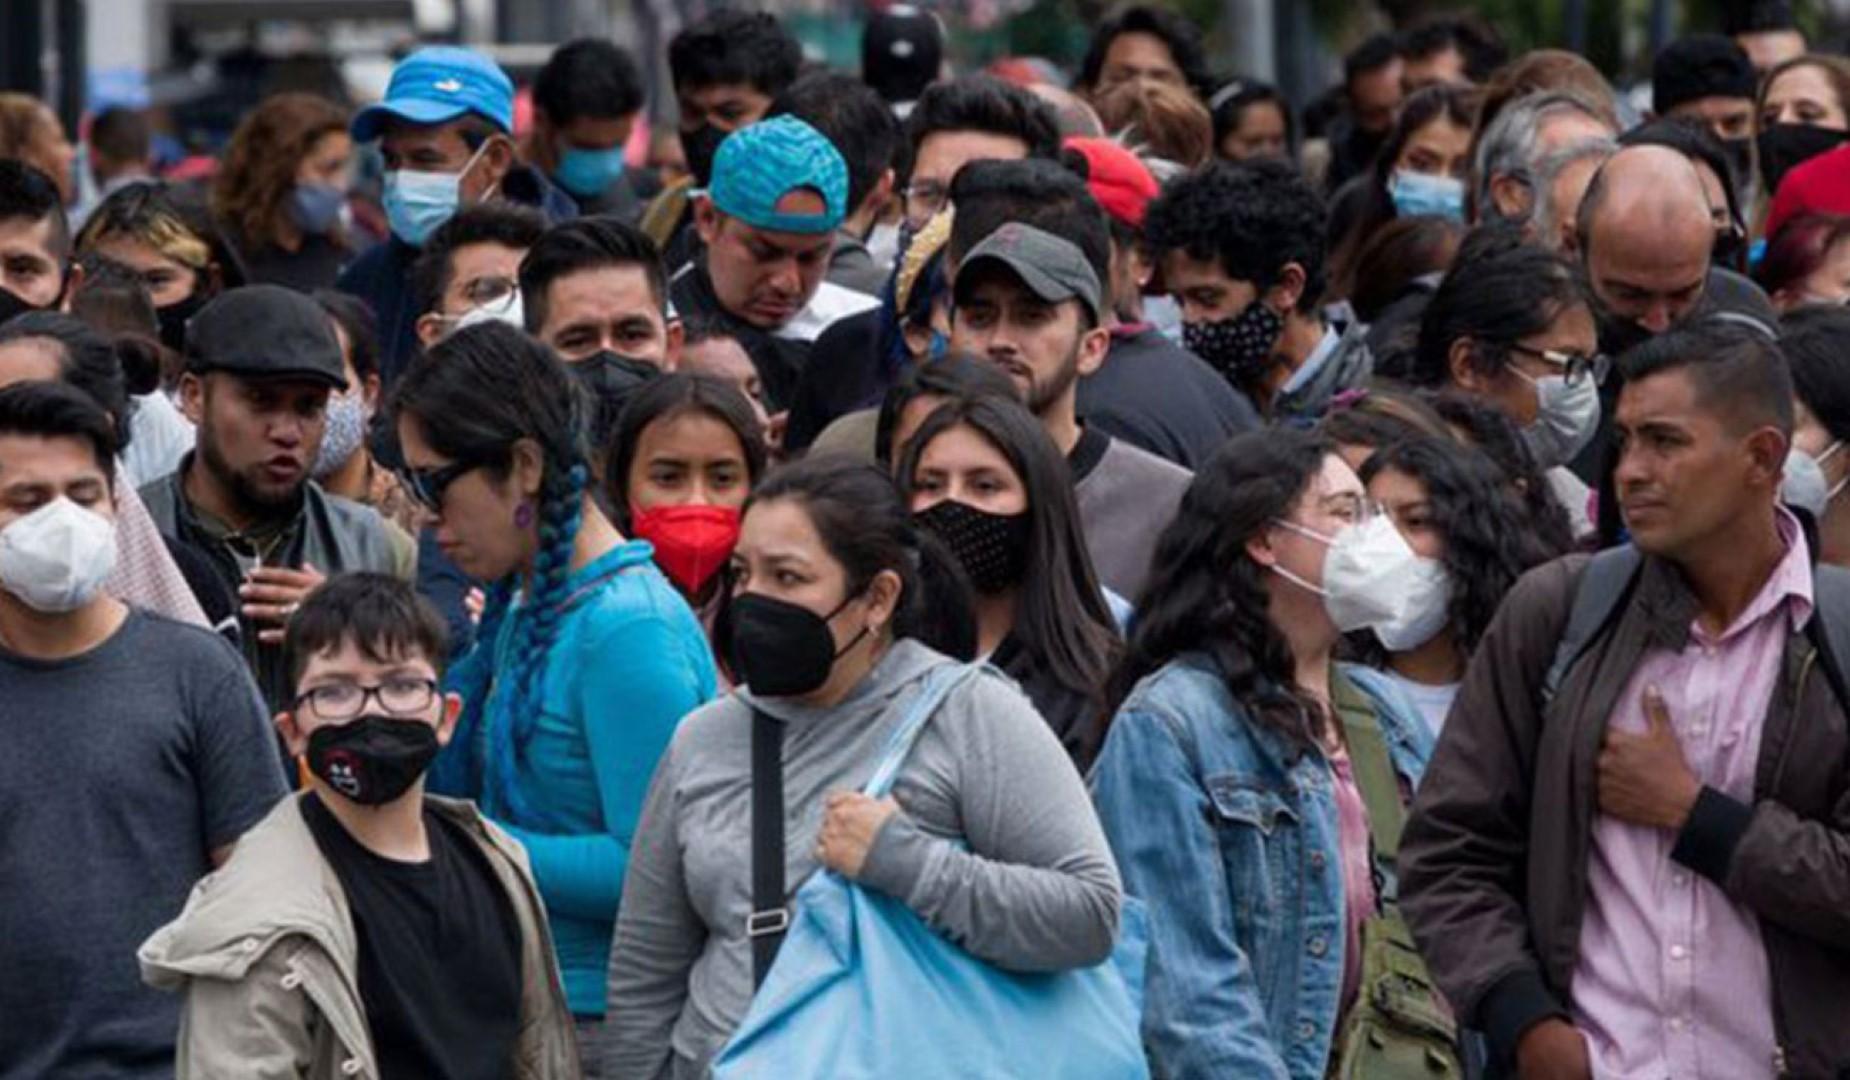 México registra más de 15 mil nuevos casos de COVID-19, la cifra más alta desde enero